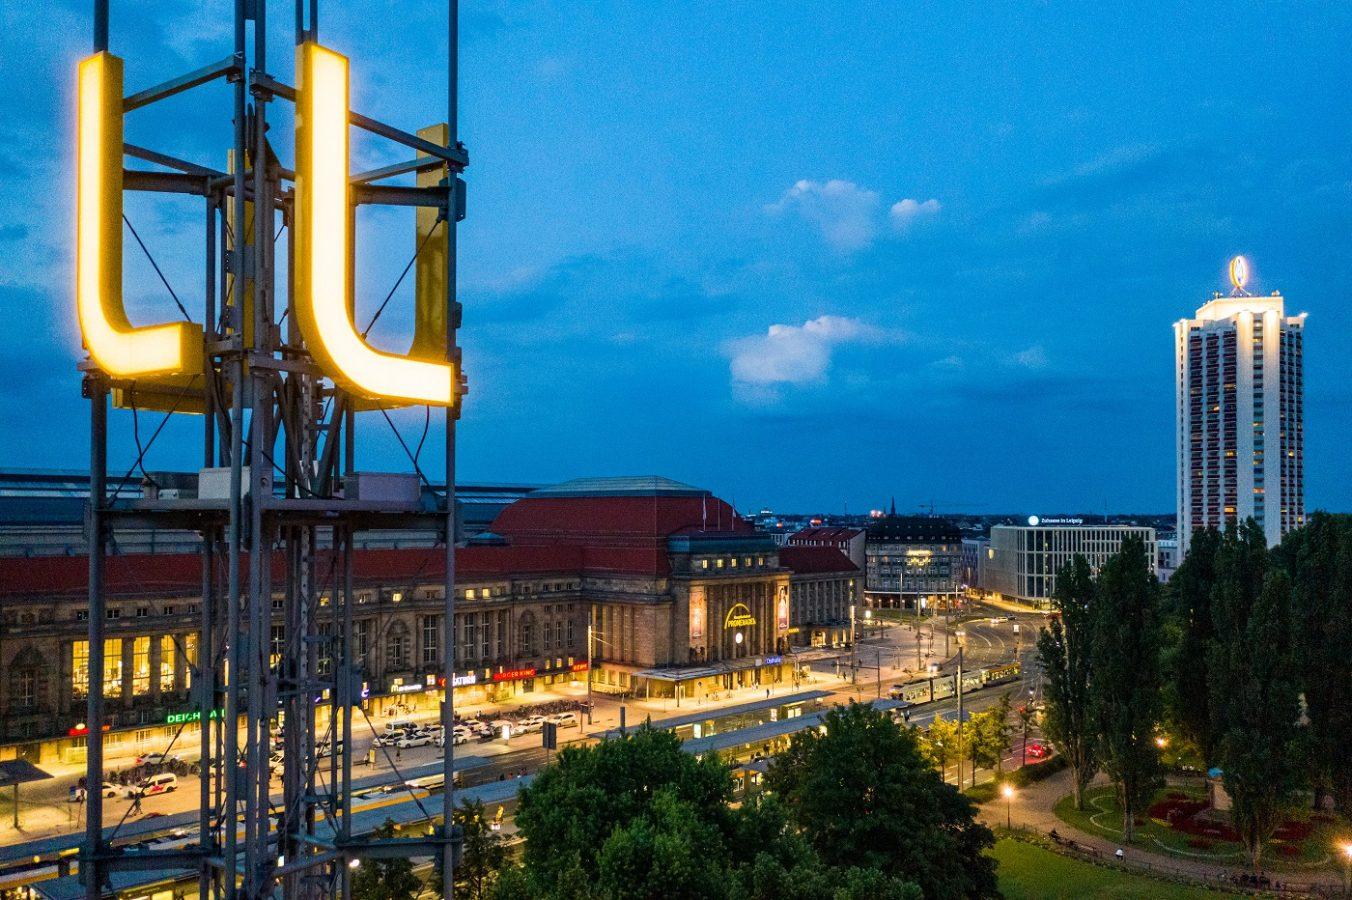 Blick auf den Leipziger Hauptbahnhof mit L-Logo der Leipziger Gruppe und Leipziger Verkehrsbetriebe